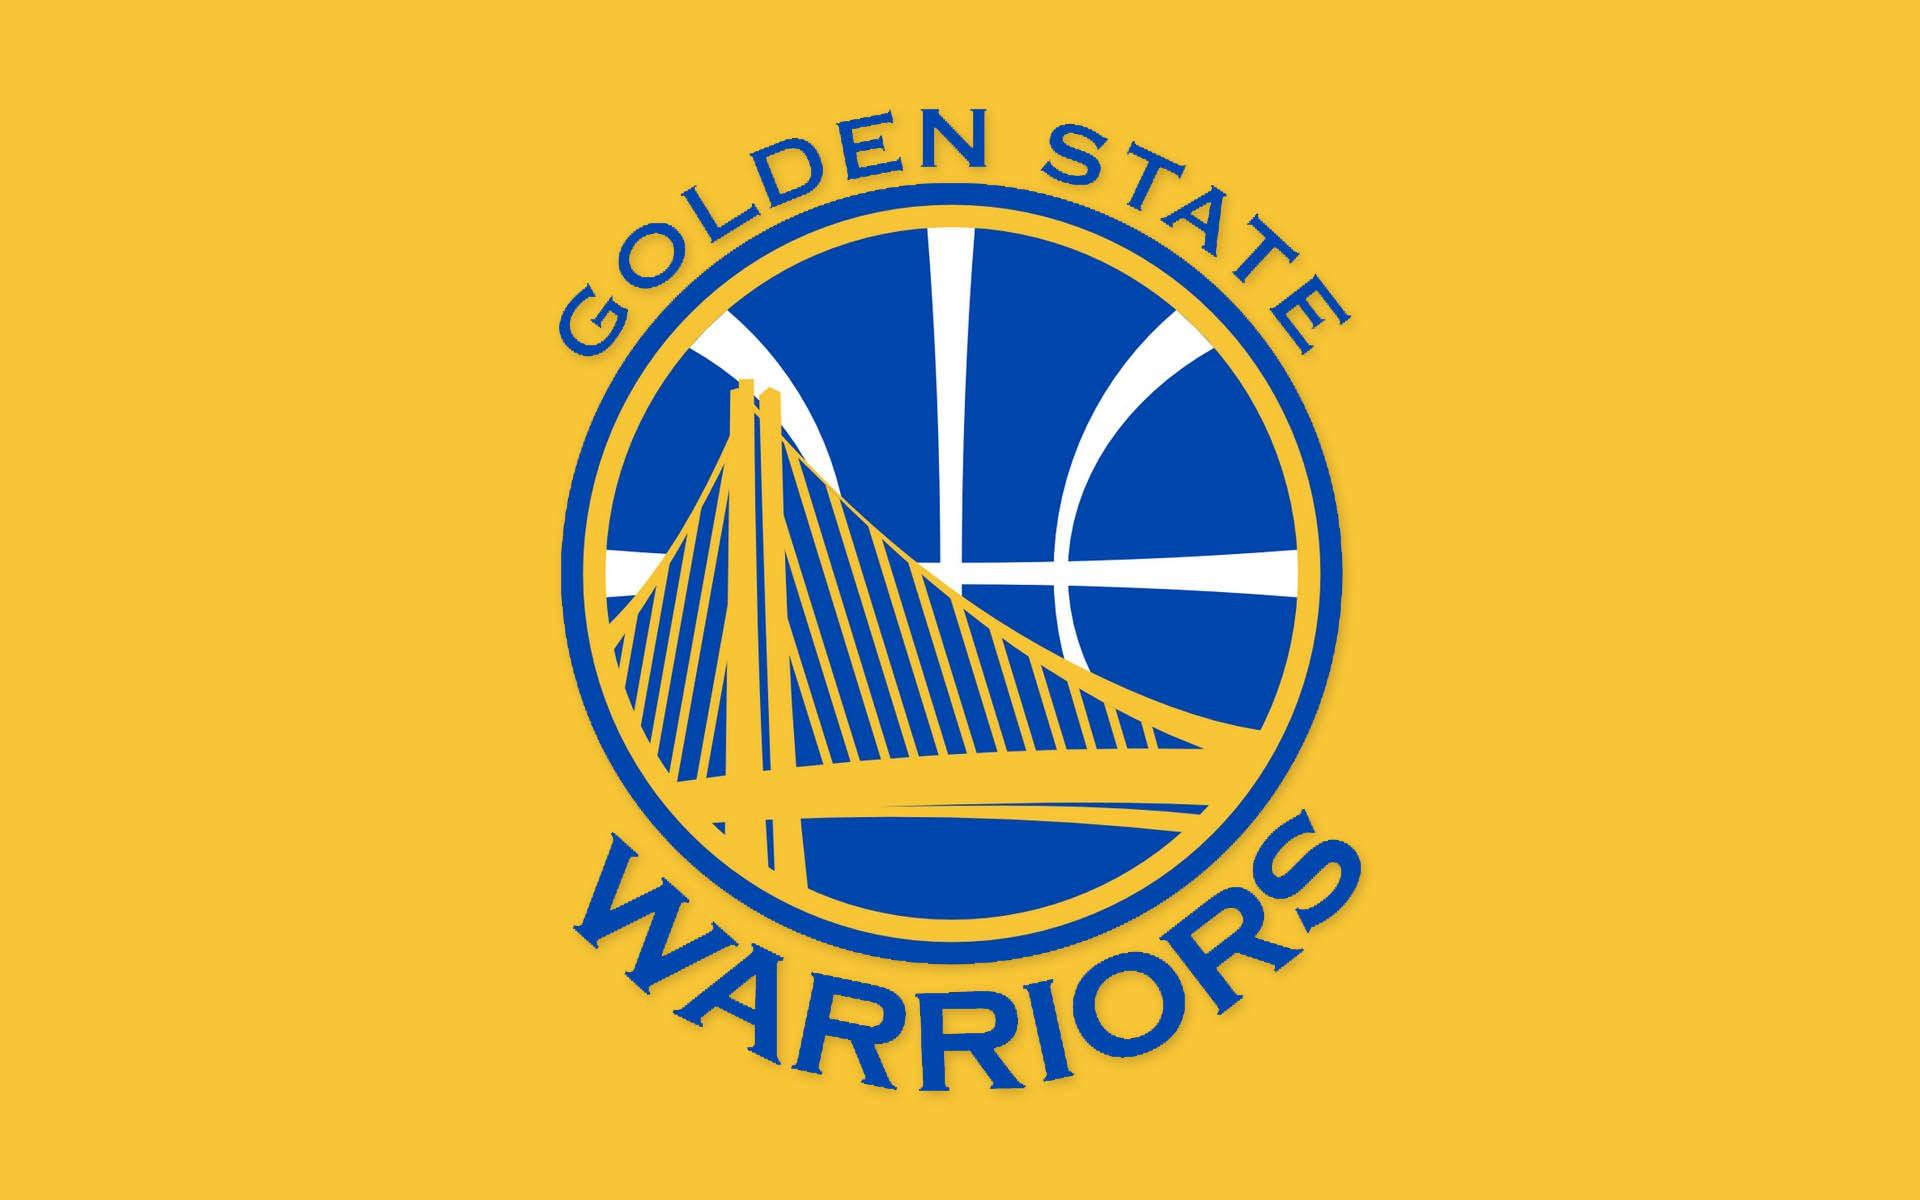 nba golden state warriors logo wallpaper 3003jpg 1920x1200